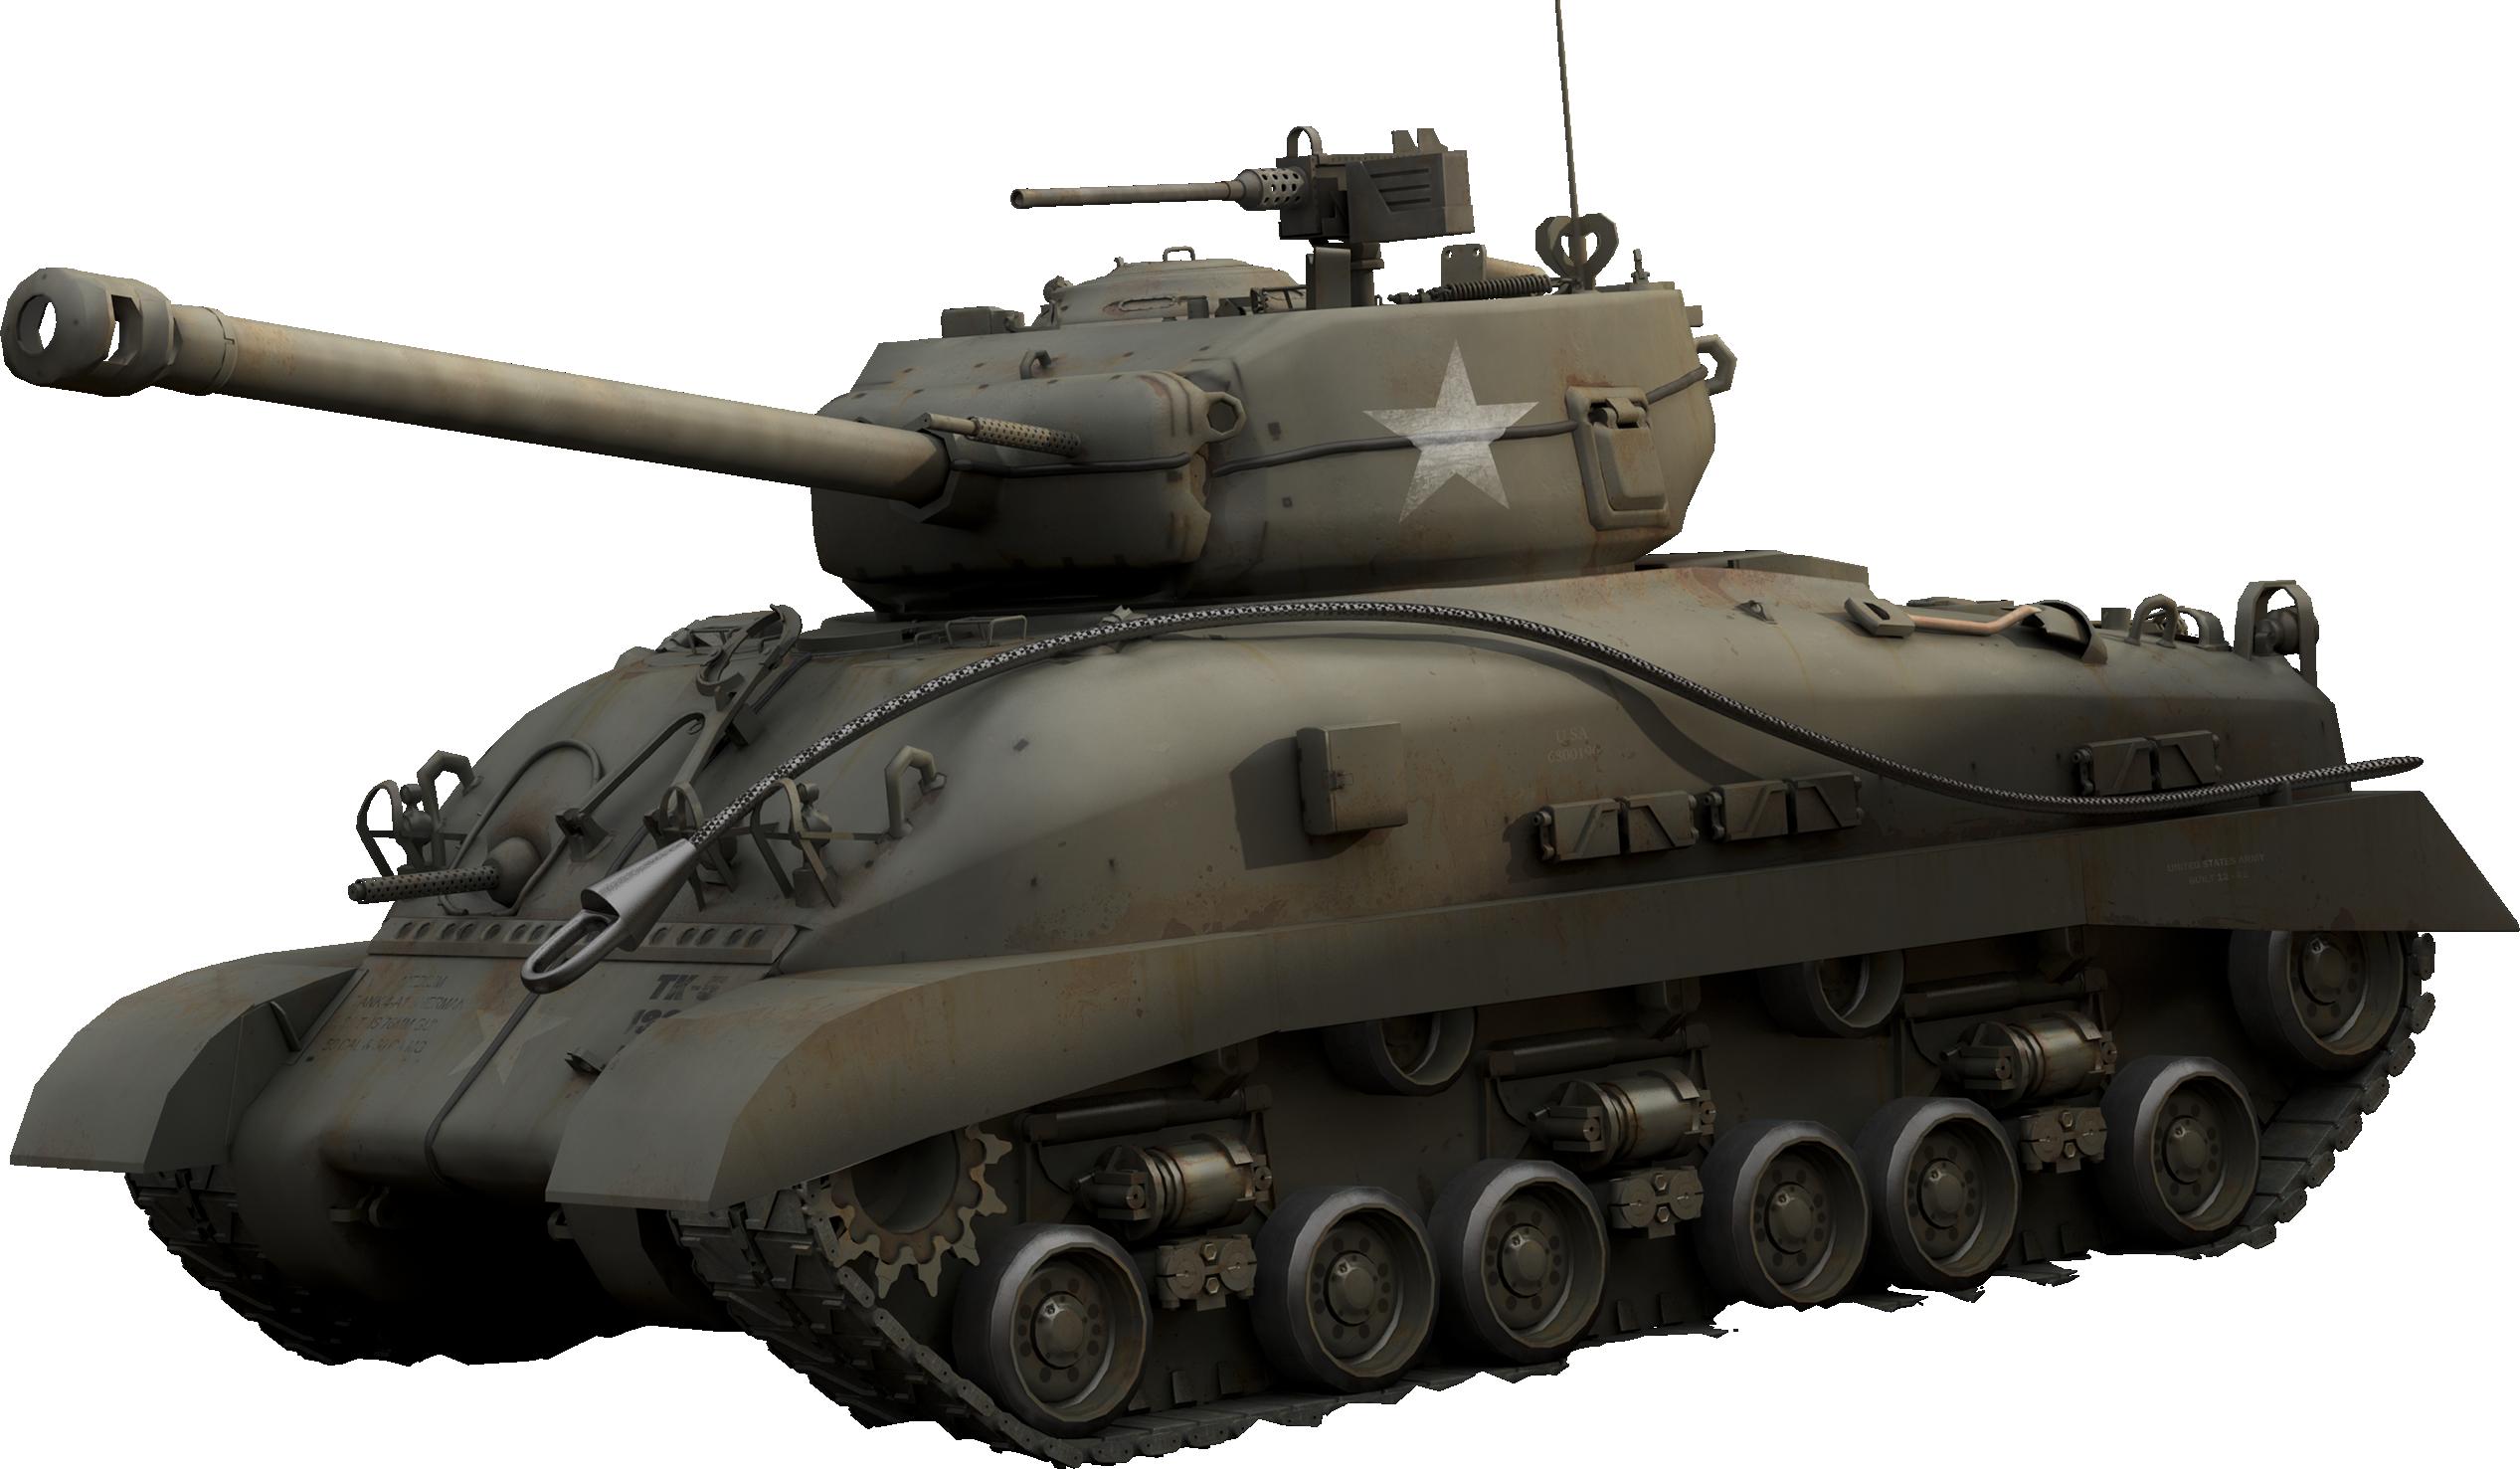 us army tank png image purepng free transparent cc0 army tank images clipart army tank clip art for cake